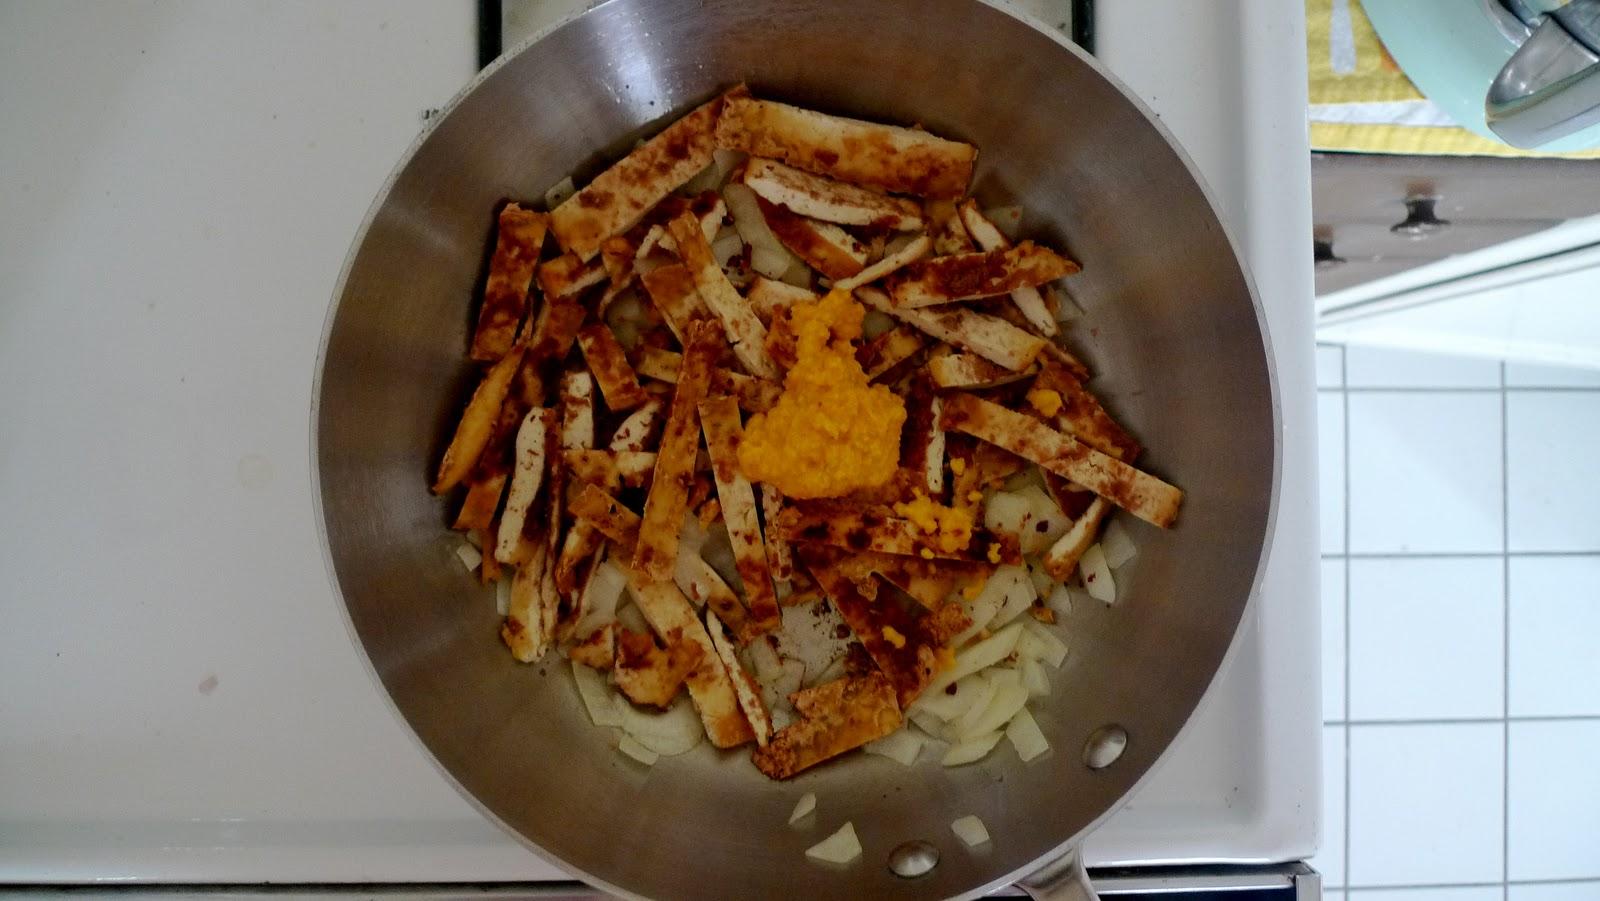 Bon Appétempt: Almond Tofu with Snap Peas and Soba Noodles